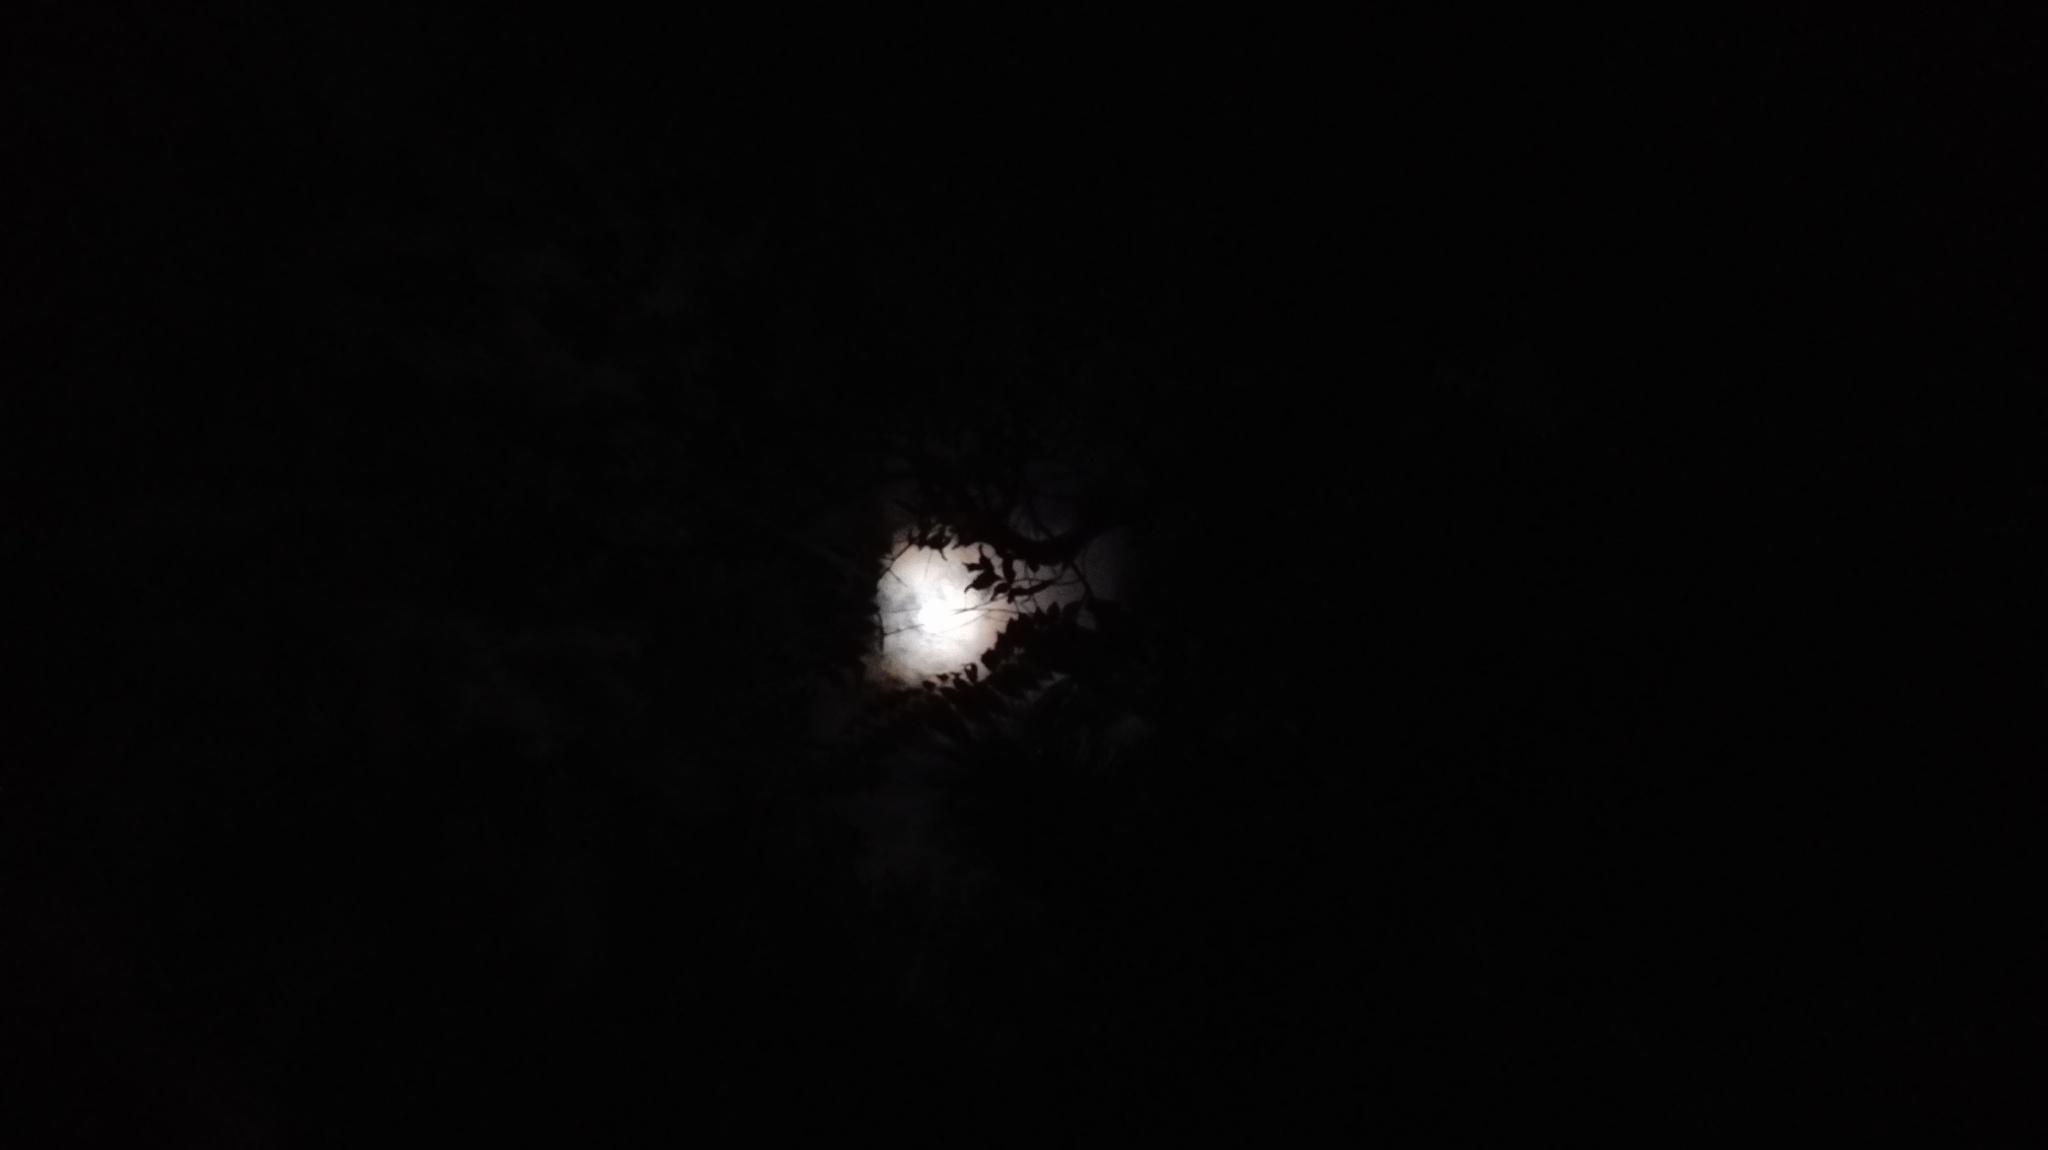 moon light via tree leaves by najaath.jmm.3